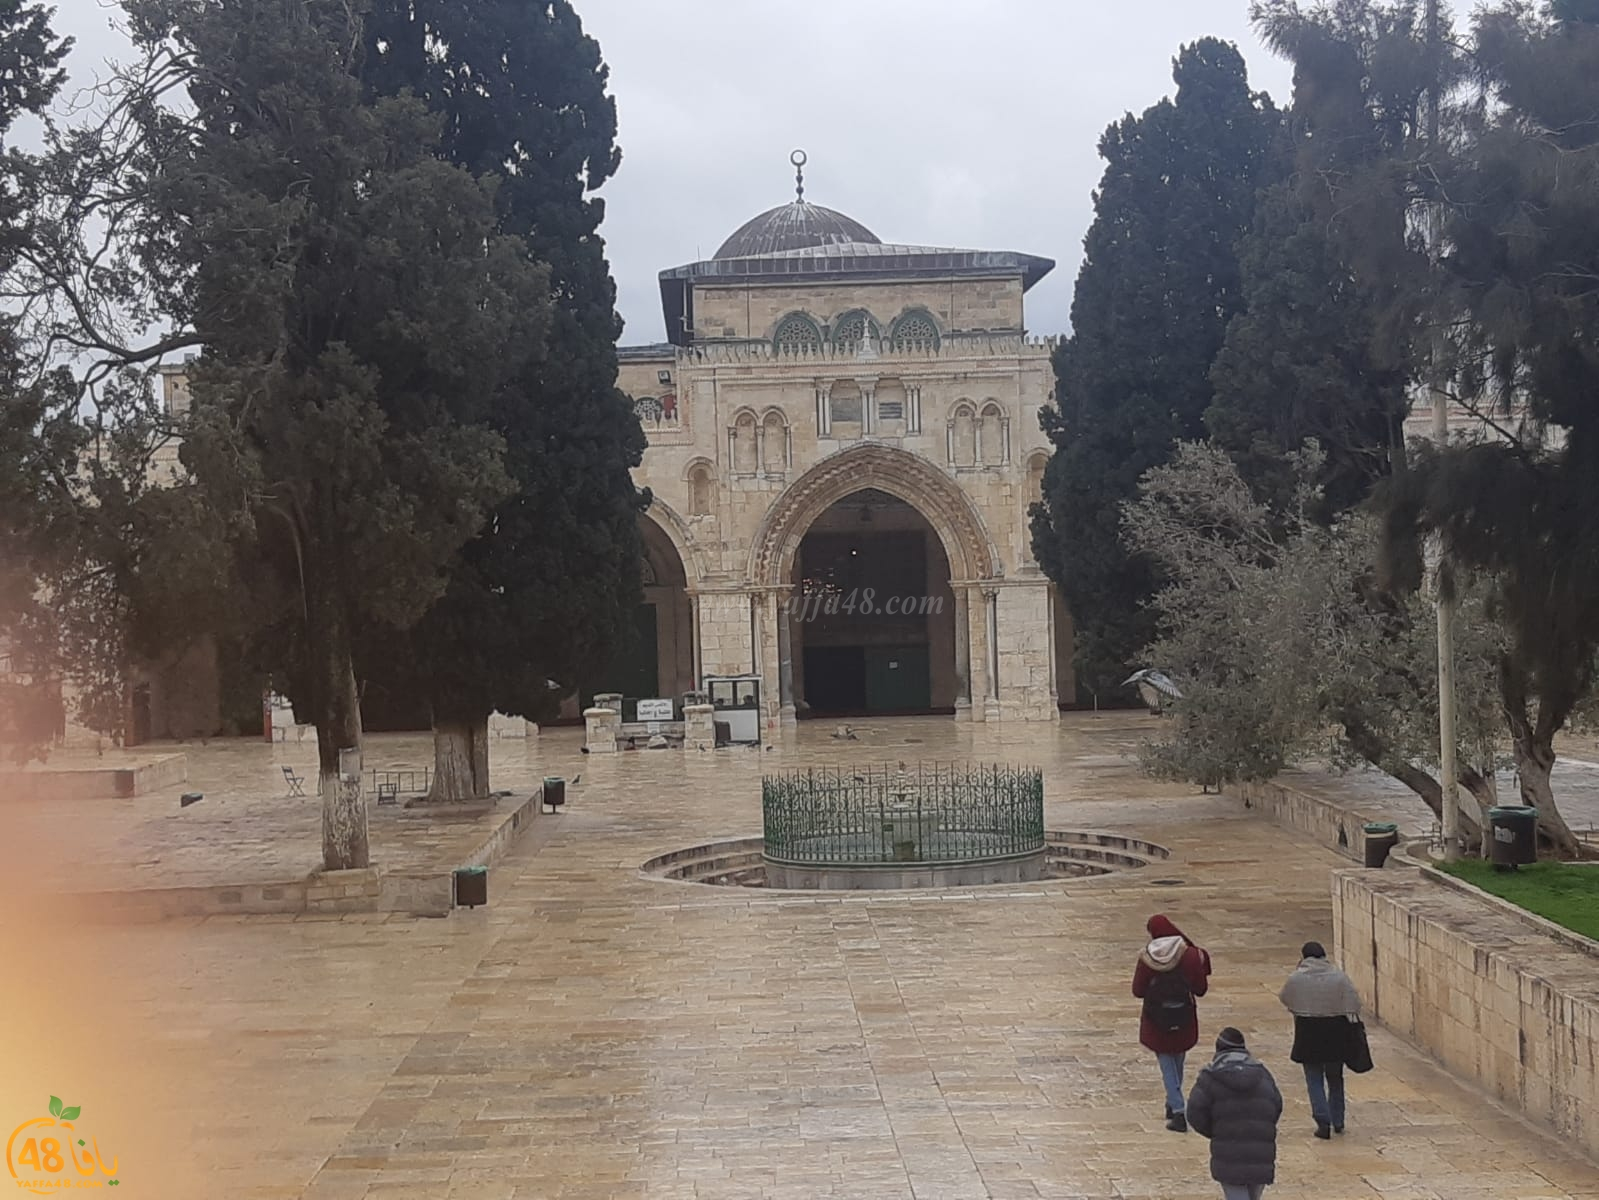 صورتي الأجمل - صور لقبة الصخرة المشرّفة والمسجد الأقصى المبارك